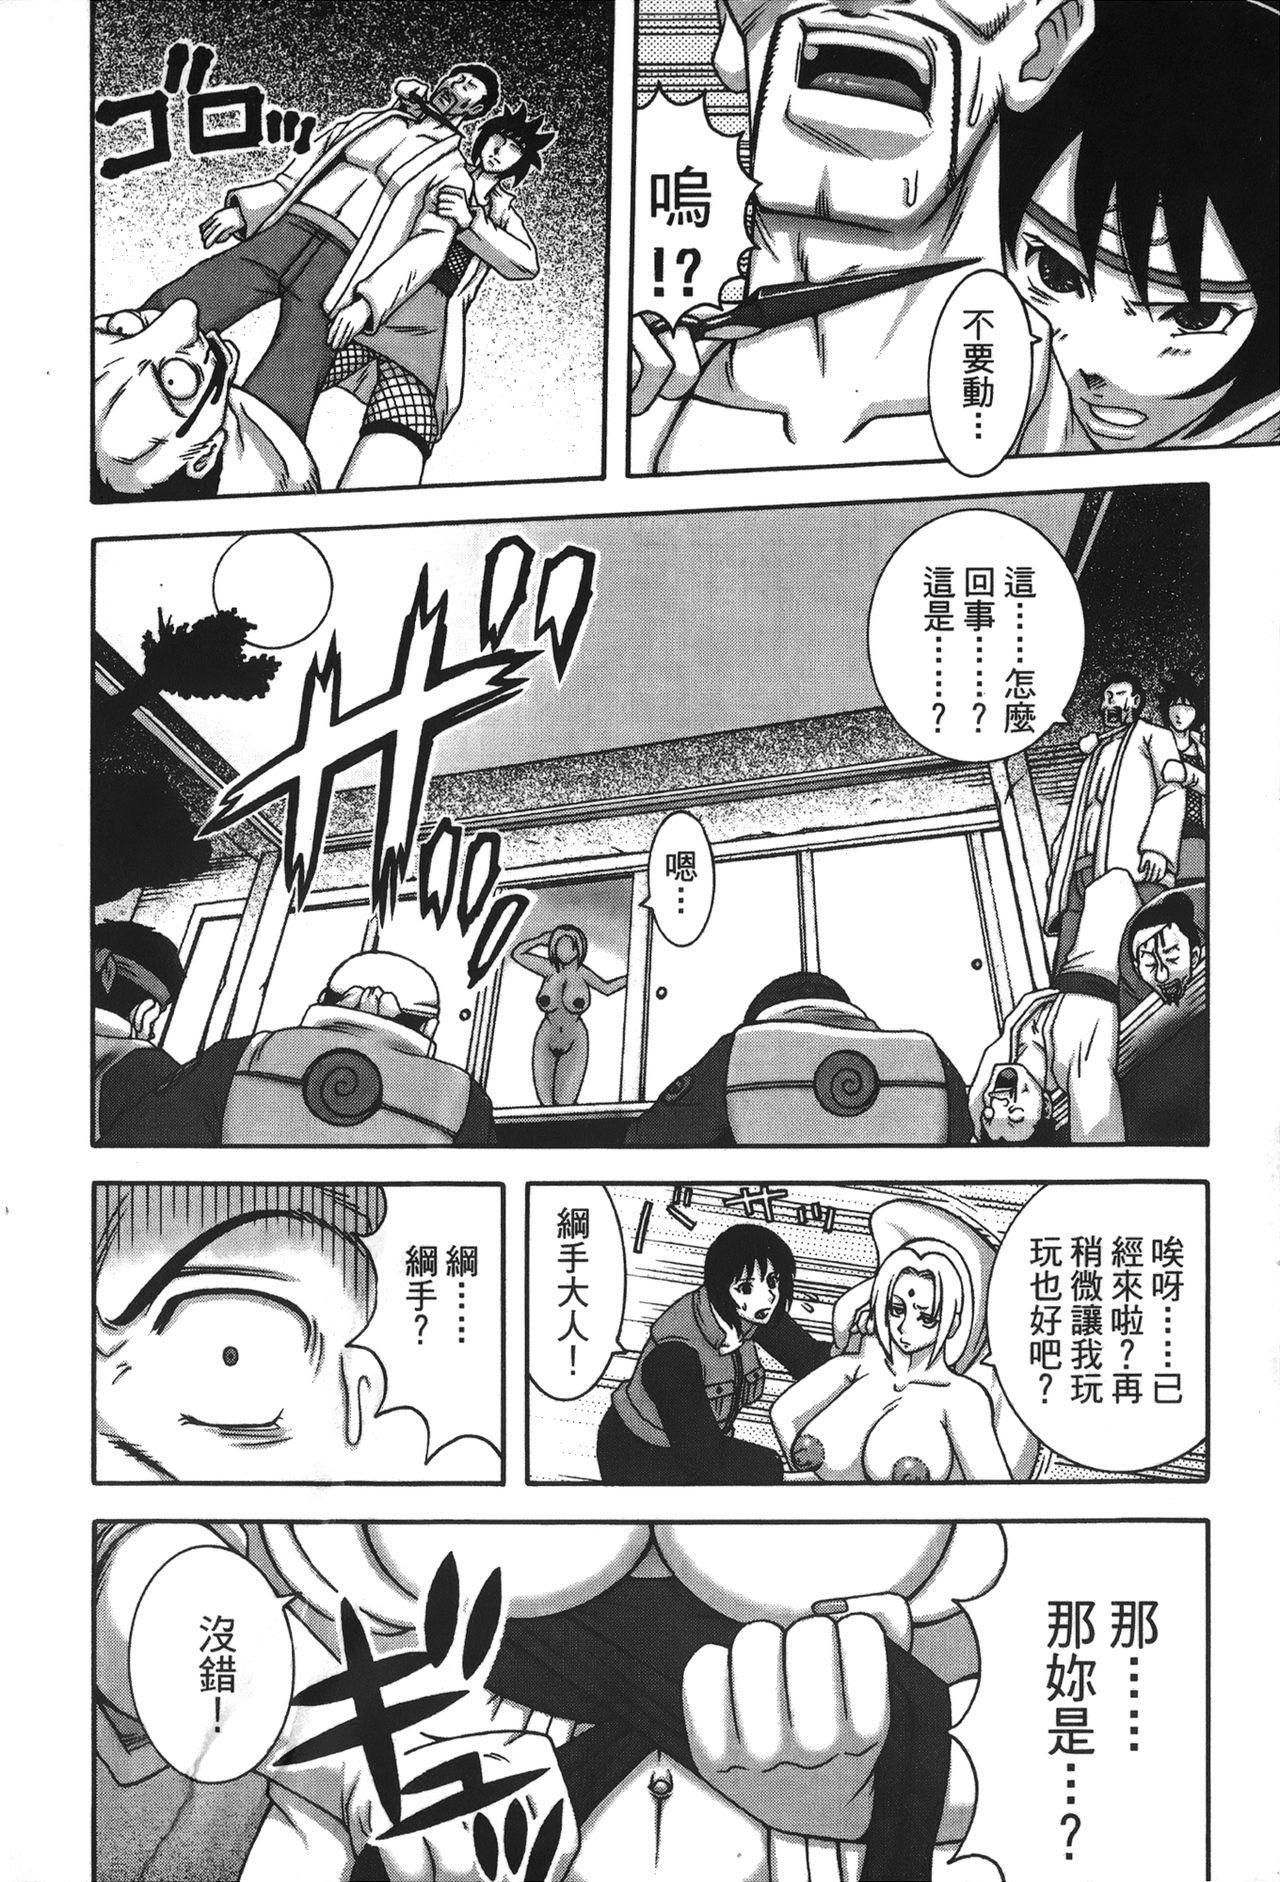 naruto ninja biography vol.02 20